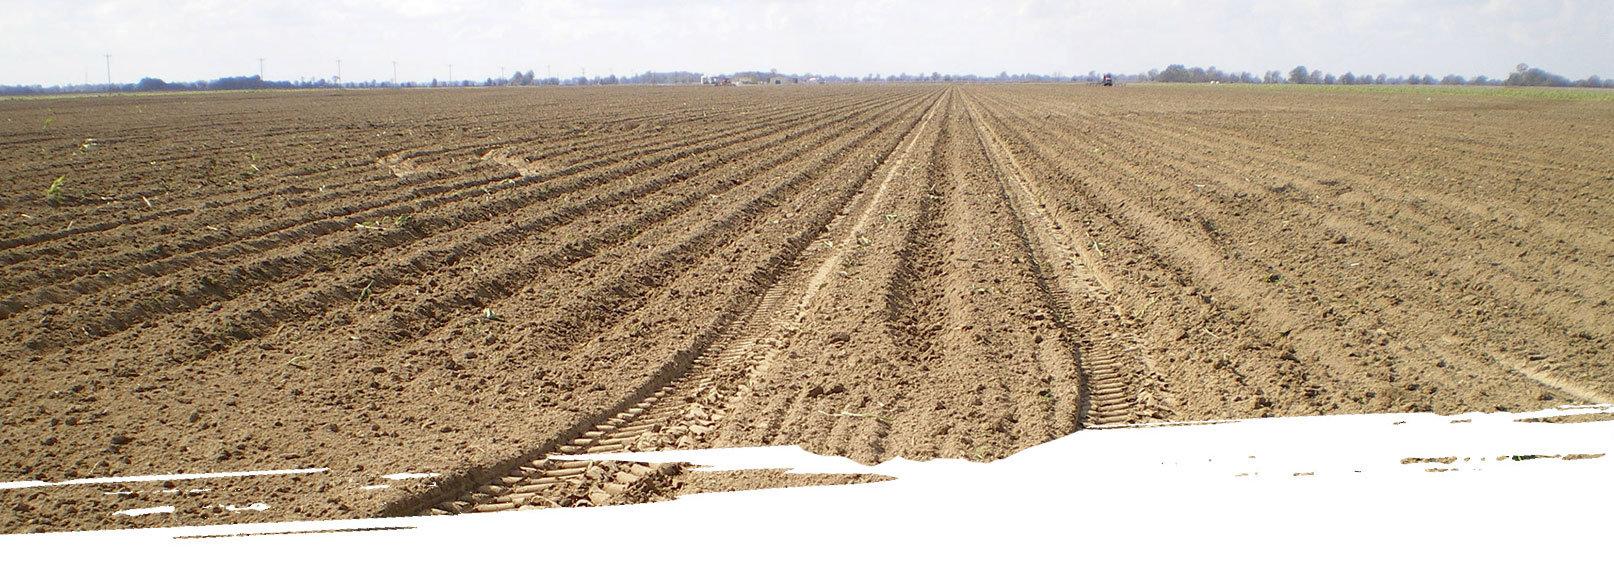 agriculturalSlider2.jpg